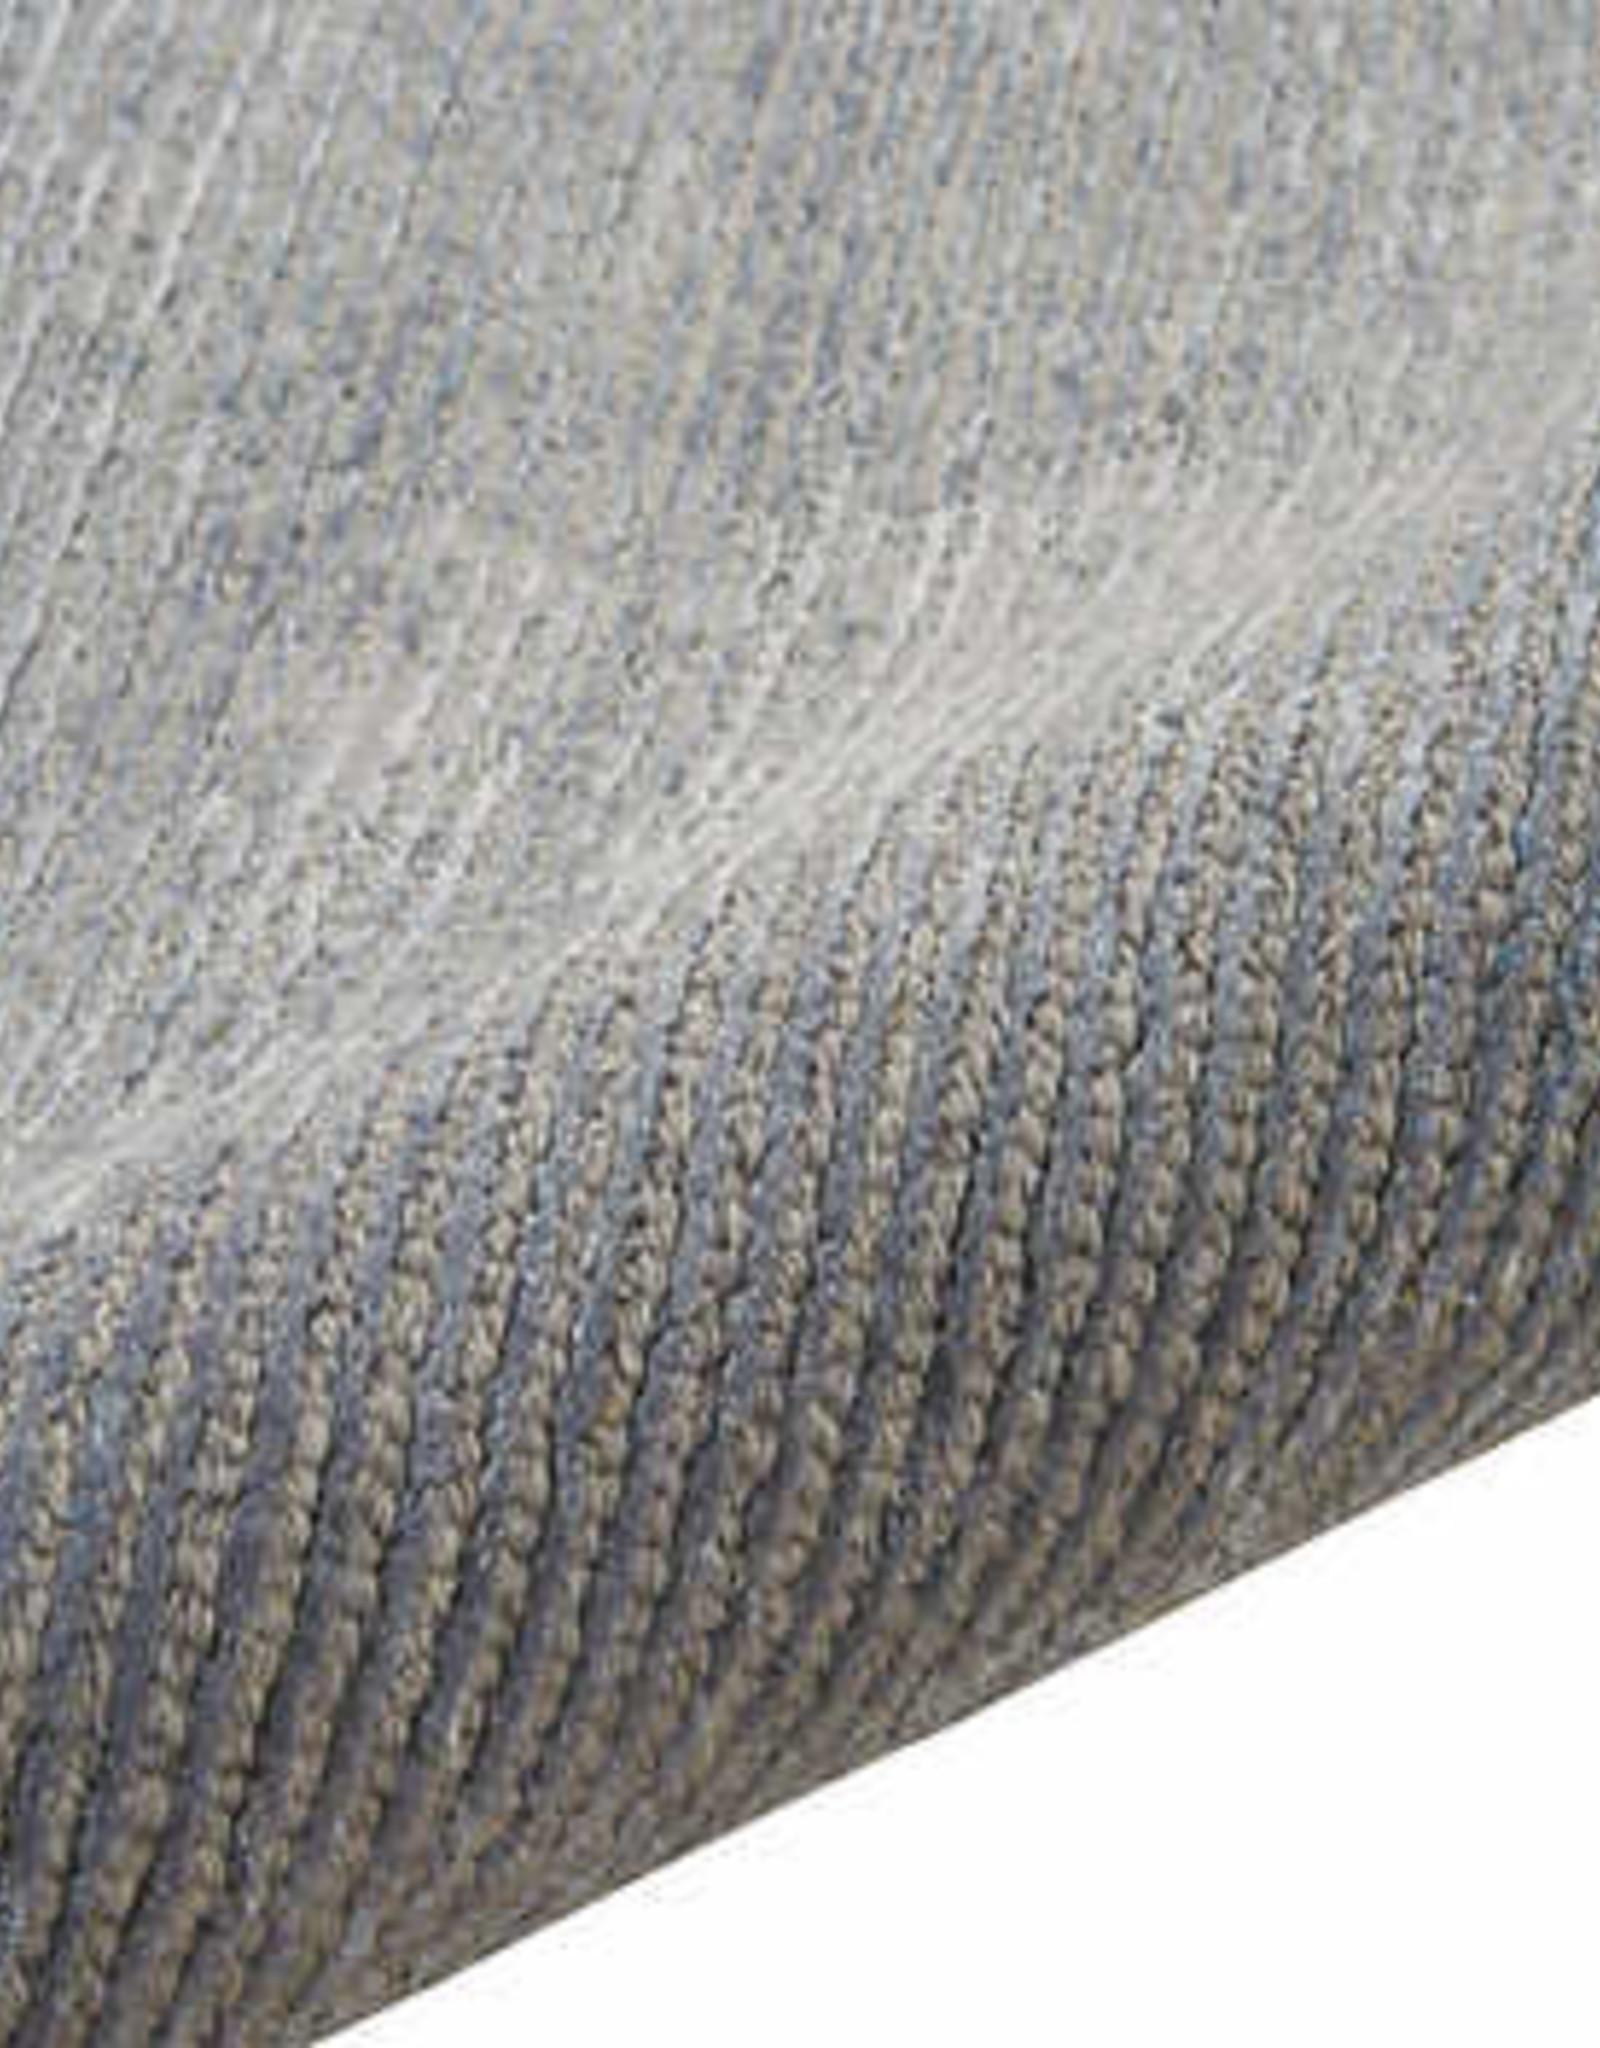 NOURISON INDUSTRIES INC Calvin Klein Ravine Rug 8X10 Gray